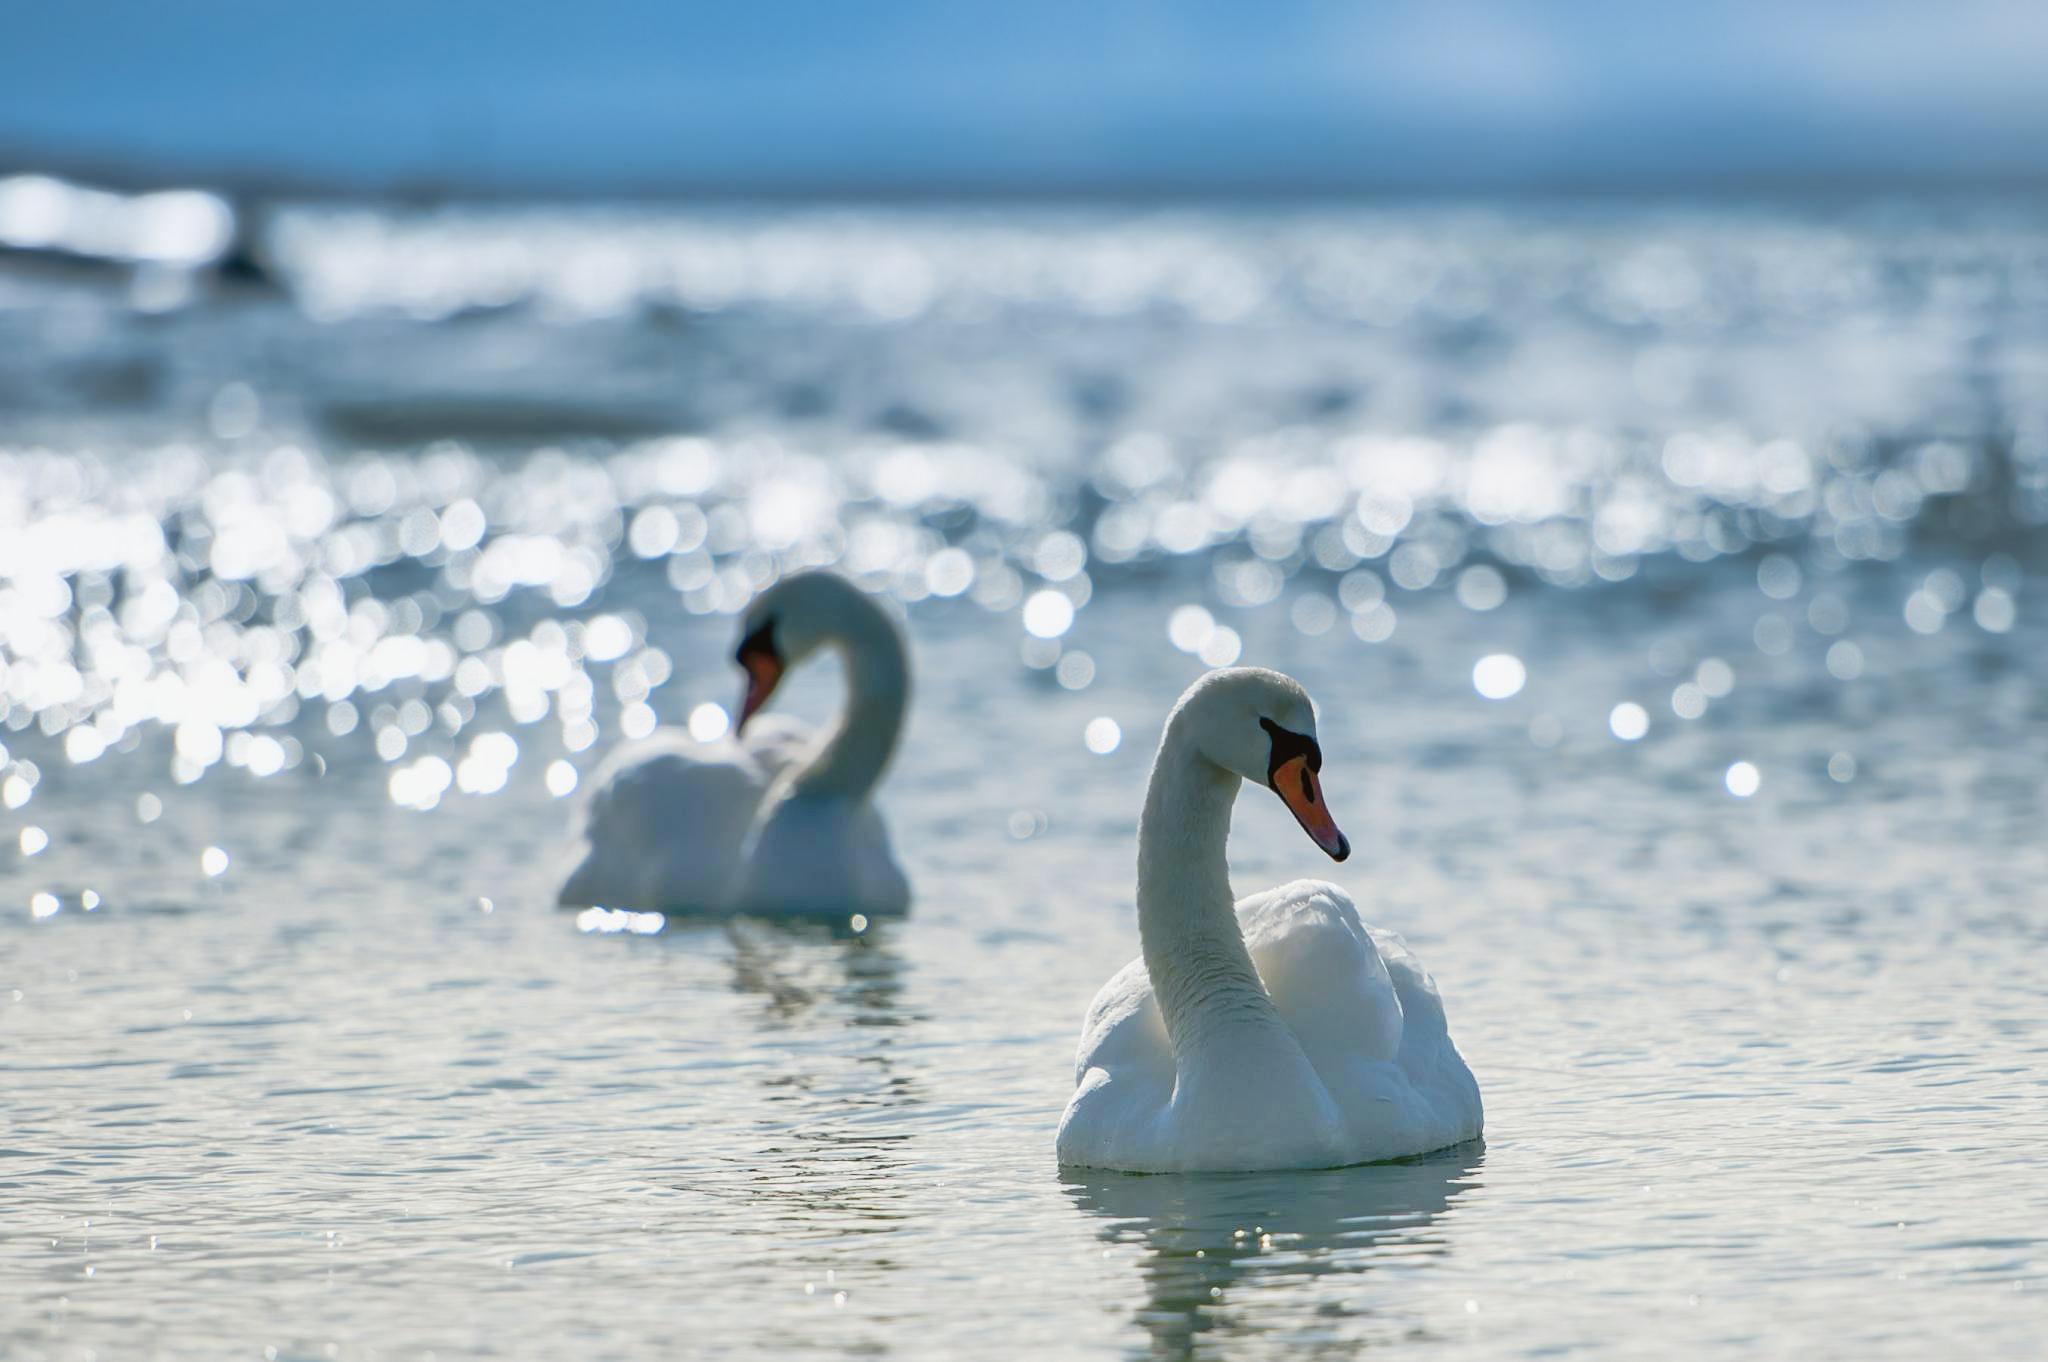 147971 Hintergrundbild herunterladen Tiere, Vögel, Flüsse, Sea, Swans, Schwimmen, See, Scheinen, Licht, Paar, Brillanz, Anmut, Gnade, Hingabe - Bildschirmschoner und Bilder kostenlos